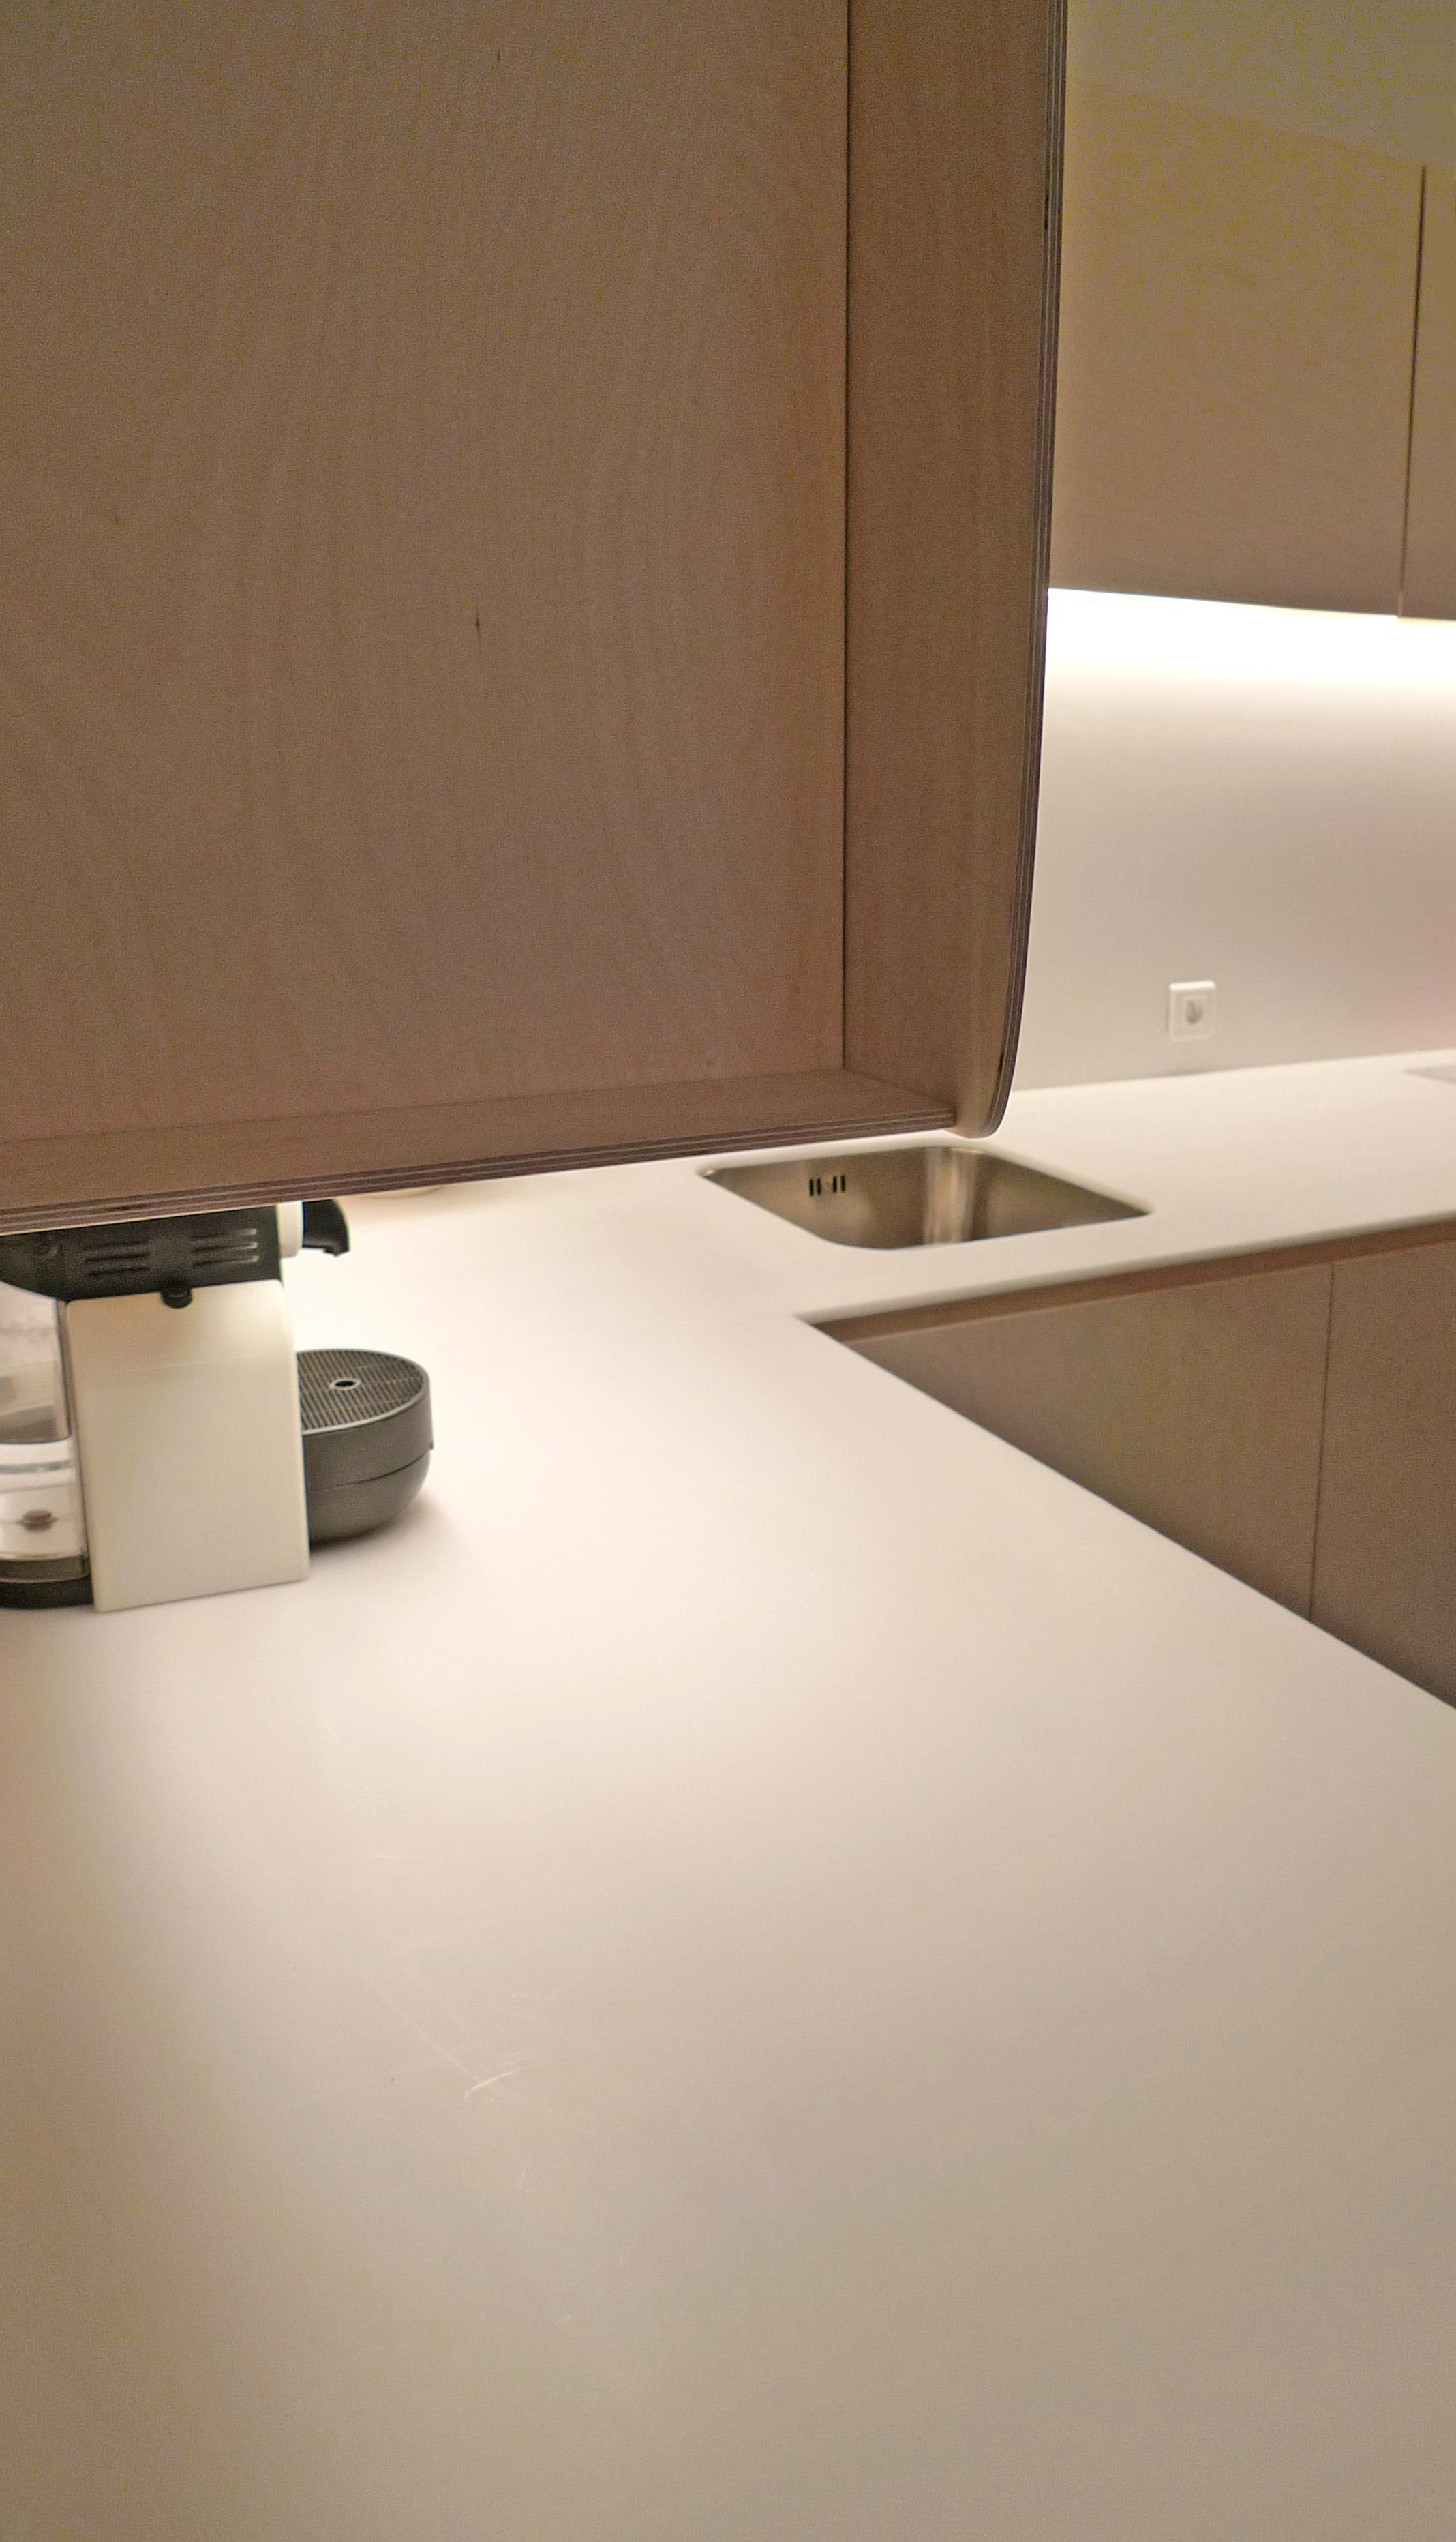 kitchen_a+a cooren_P1080435-a.jpg